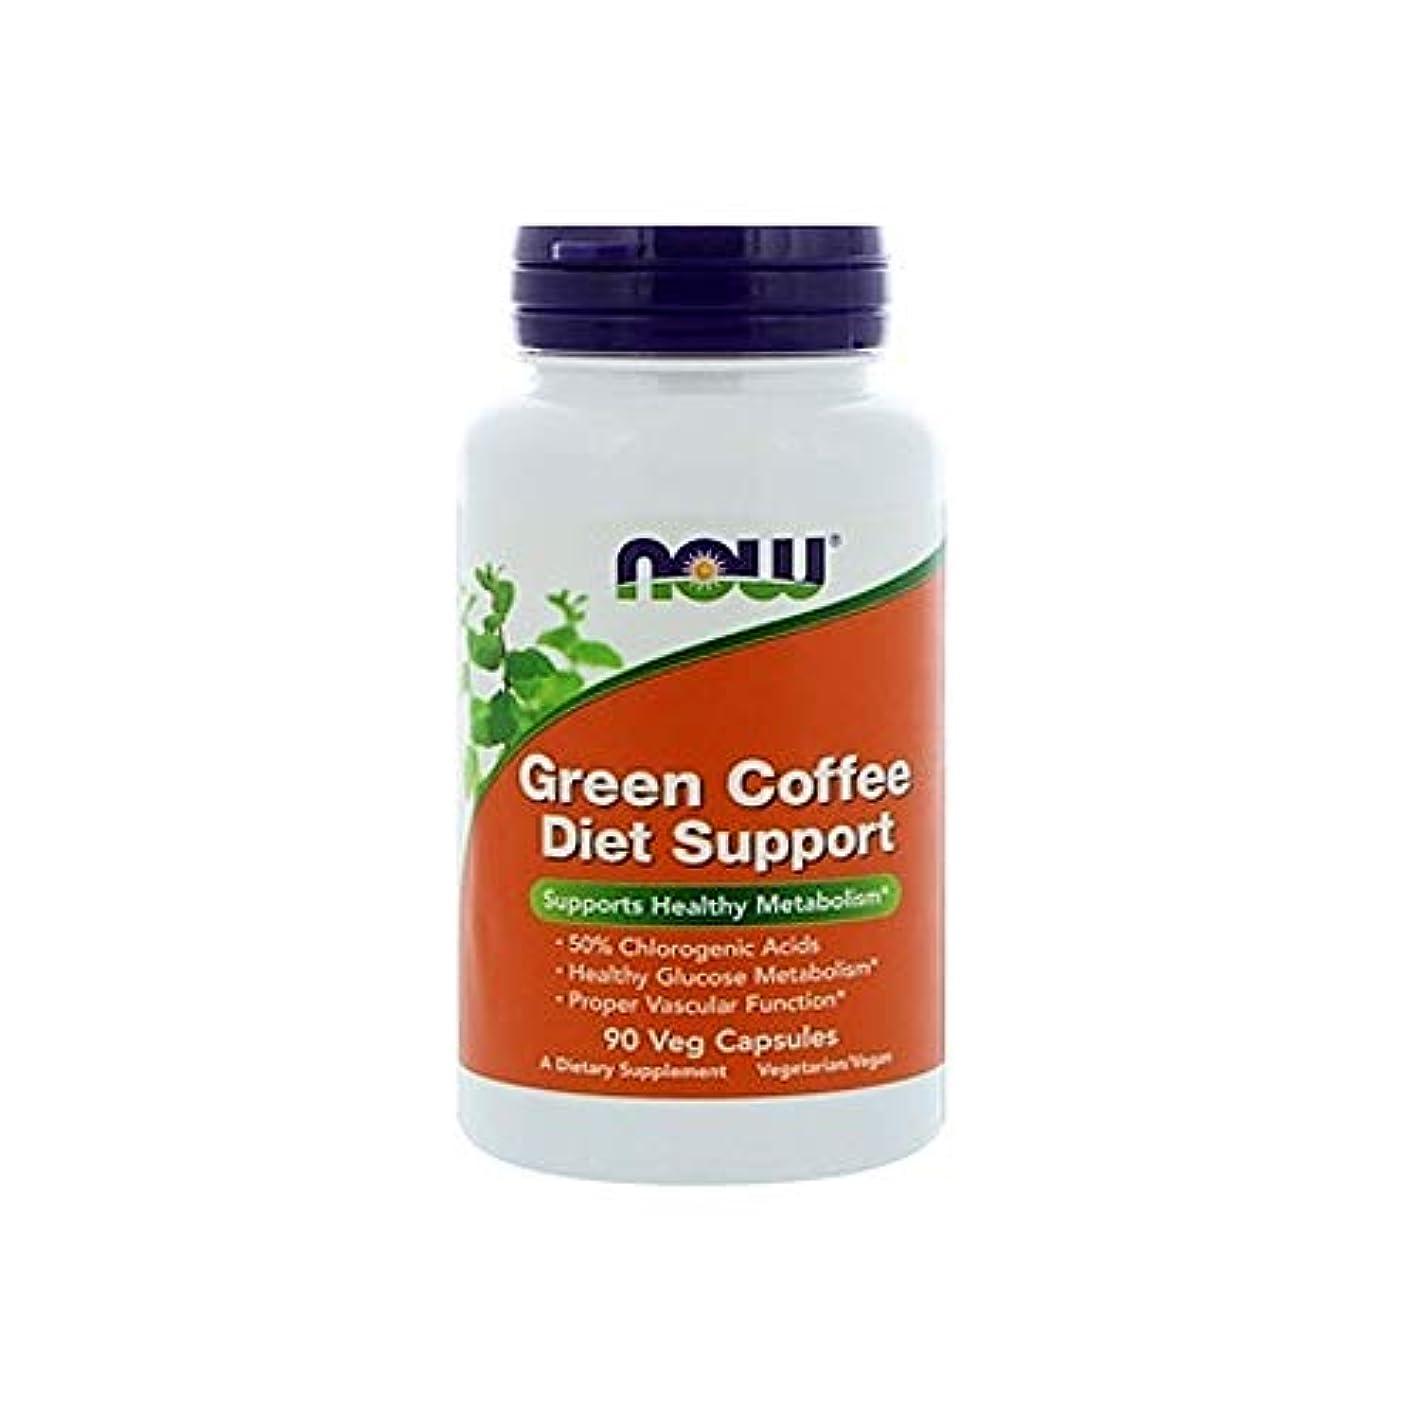 枕受け取るメンタル[海外直送品] ナウフーズ グリーンコーヒー ダイエットサポート(クロロゲン酸含有) 90粒